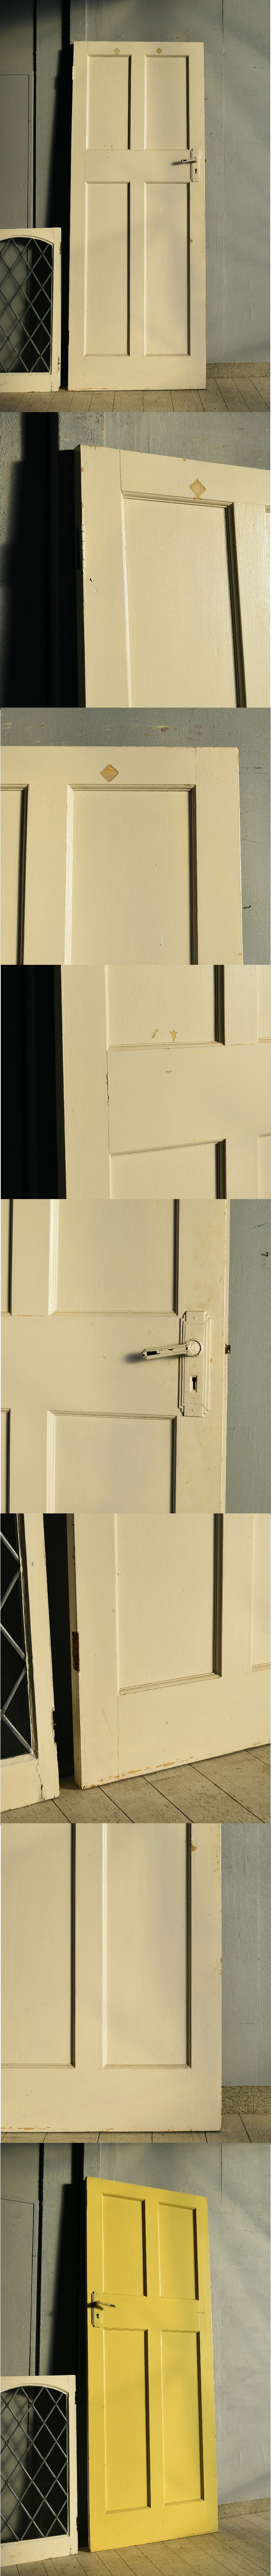 イギリス アンティーク ドア 扉 建具 7635